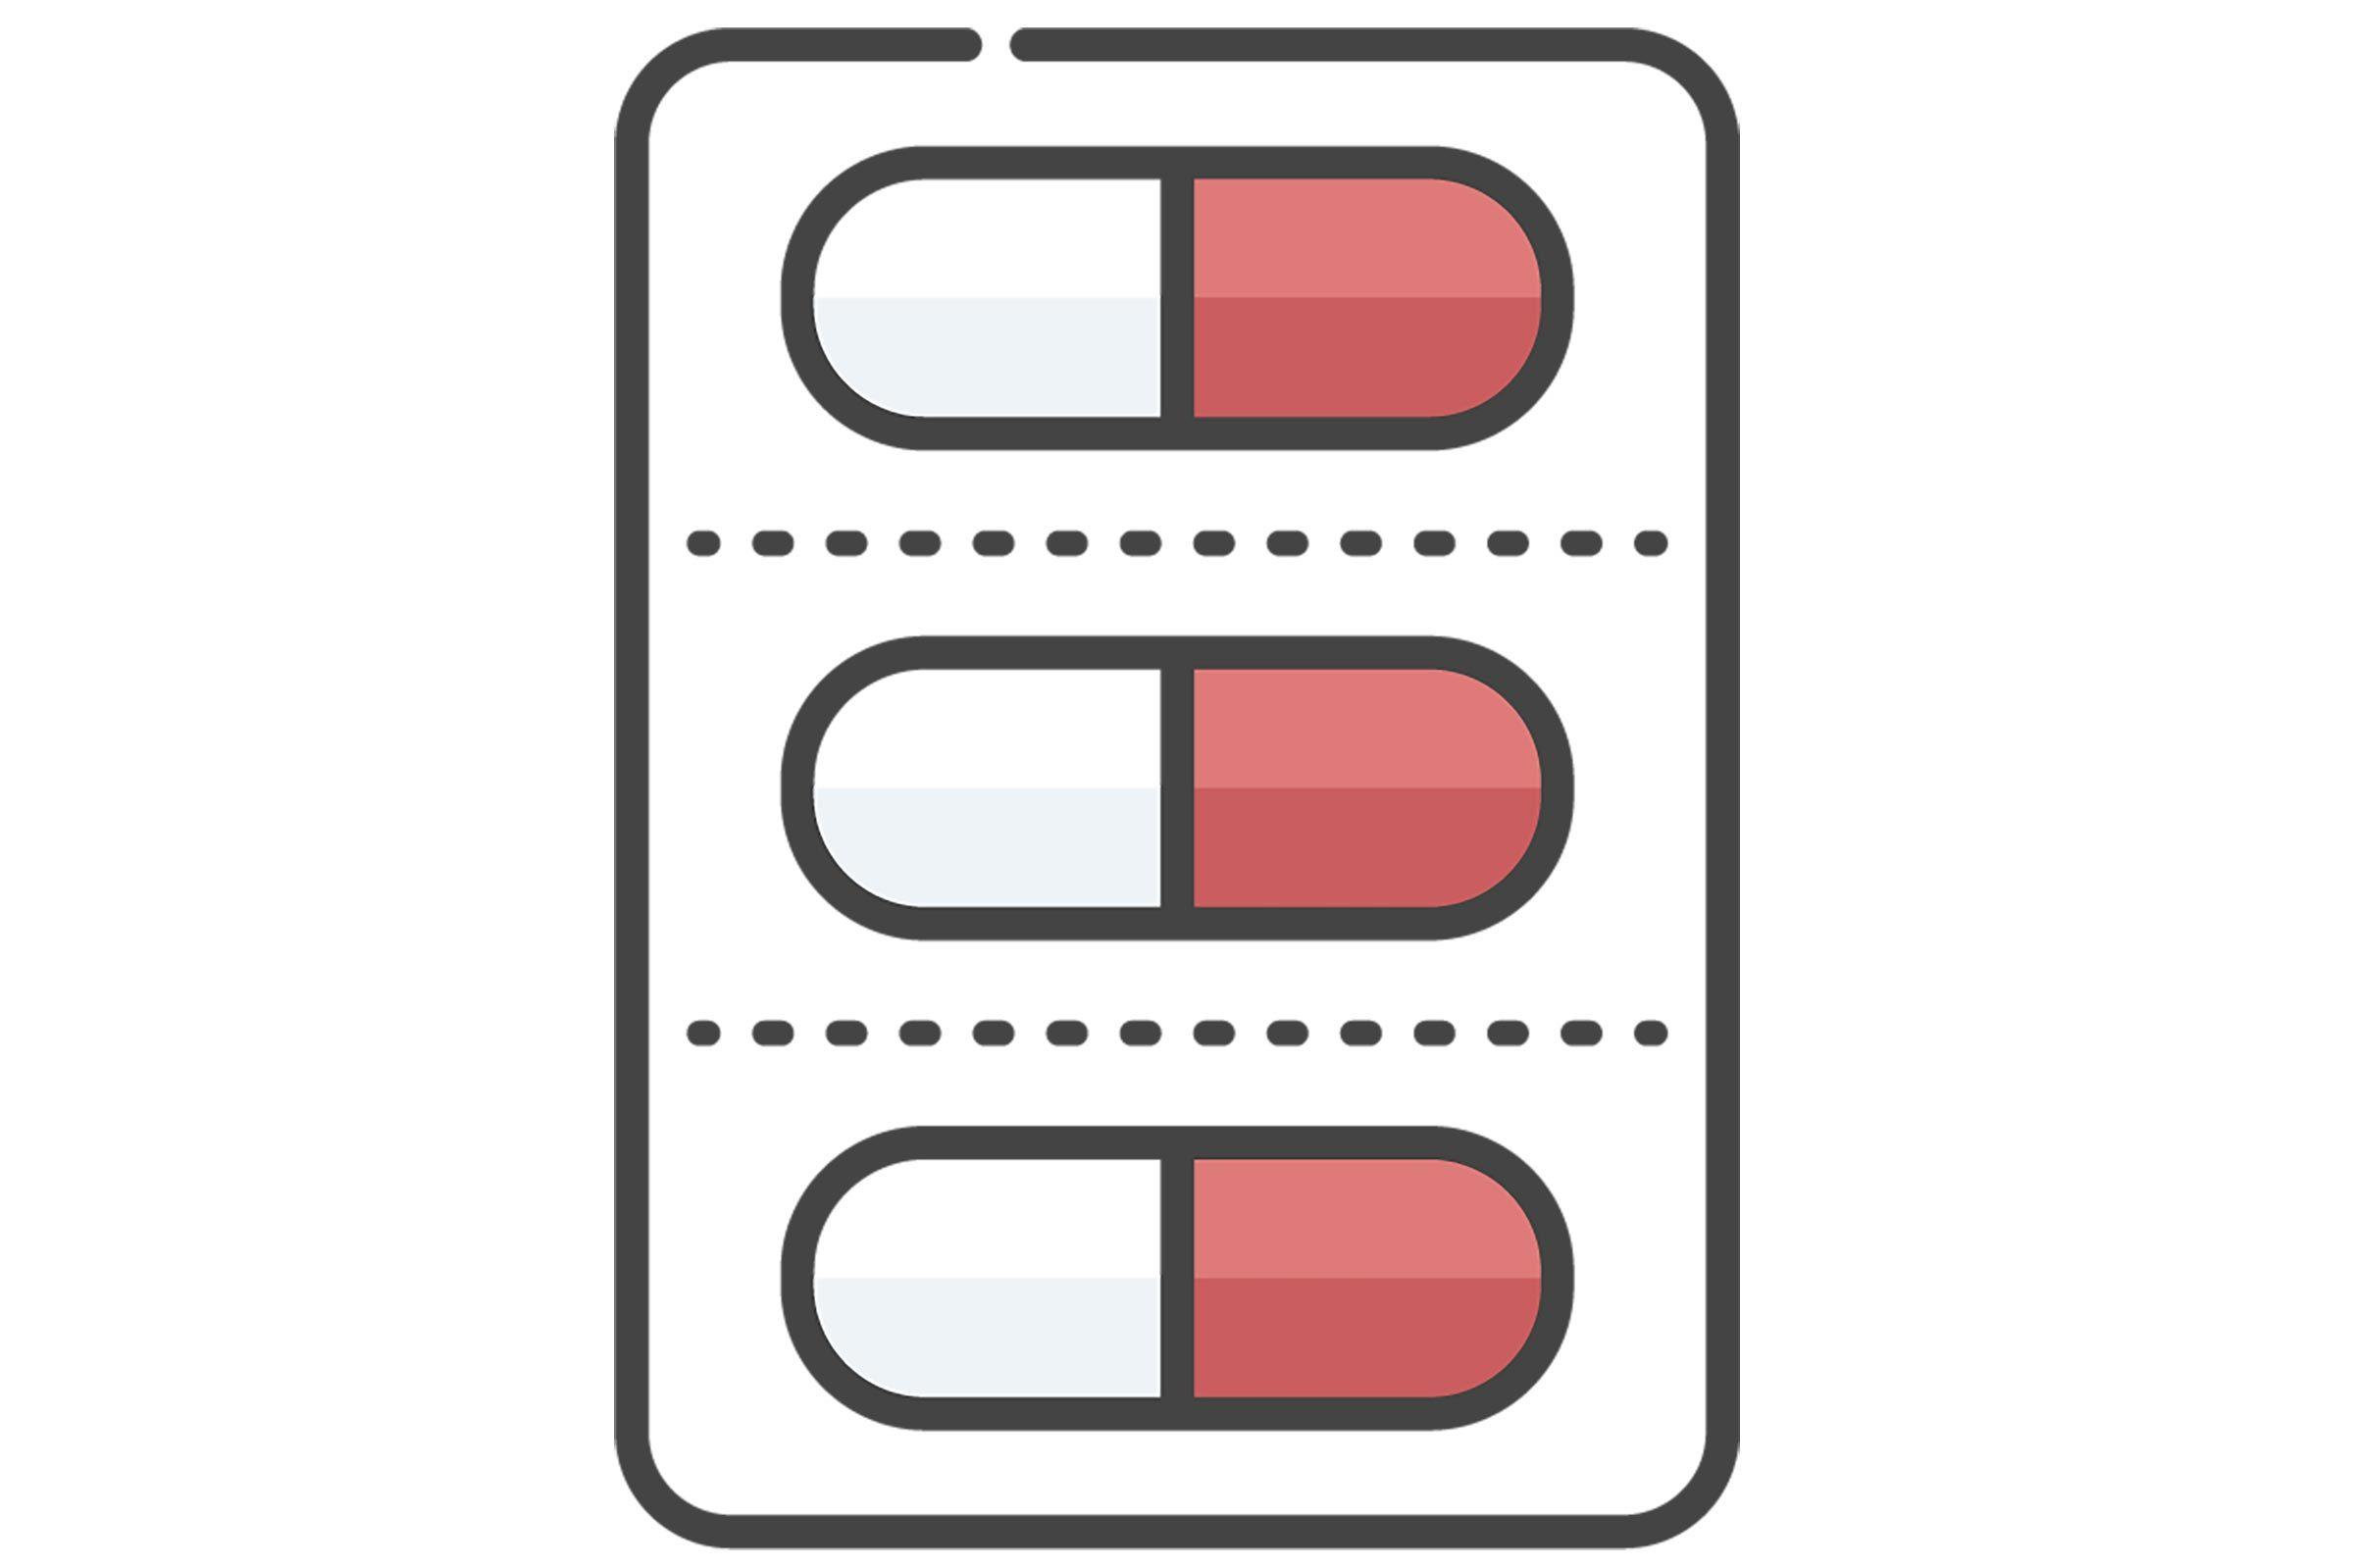 Un médicament connu pour ses effets secondaires, soyez prudent